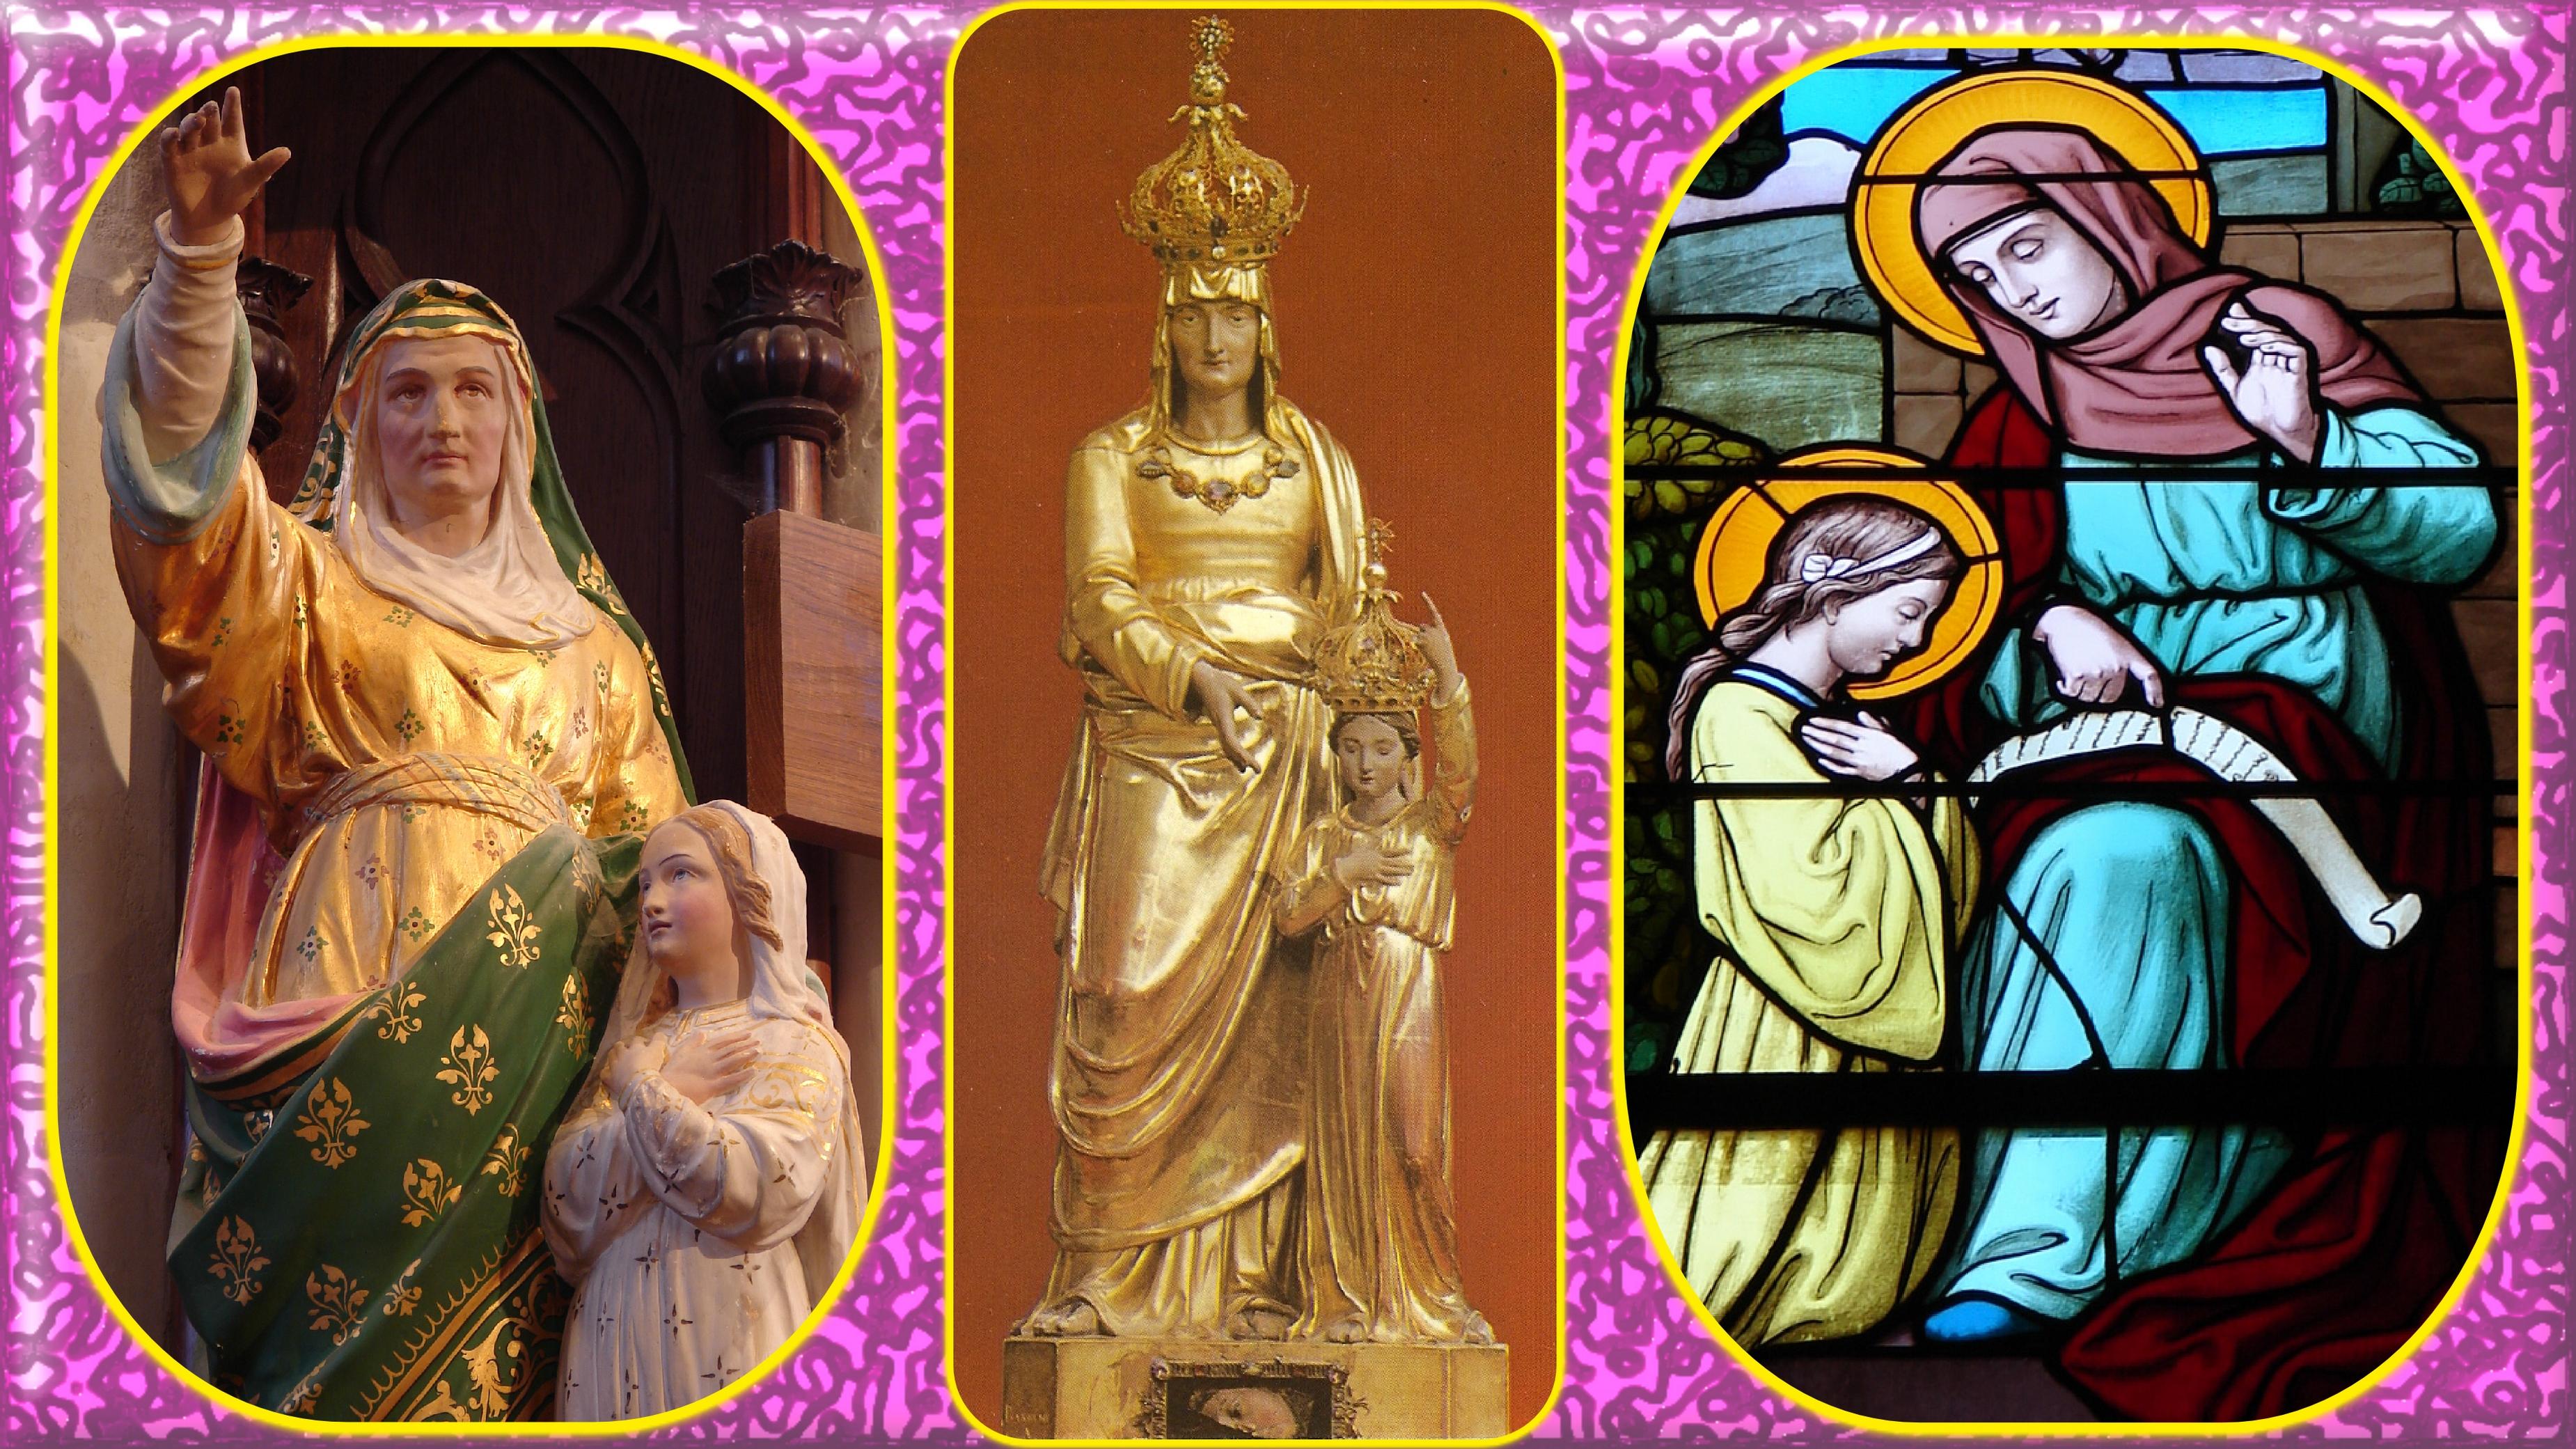 CALENDRIER CATHOLIQUE 2019 (Cantiques, Prières & Images) - Page 4 Ste-anne-5668bab